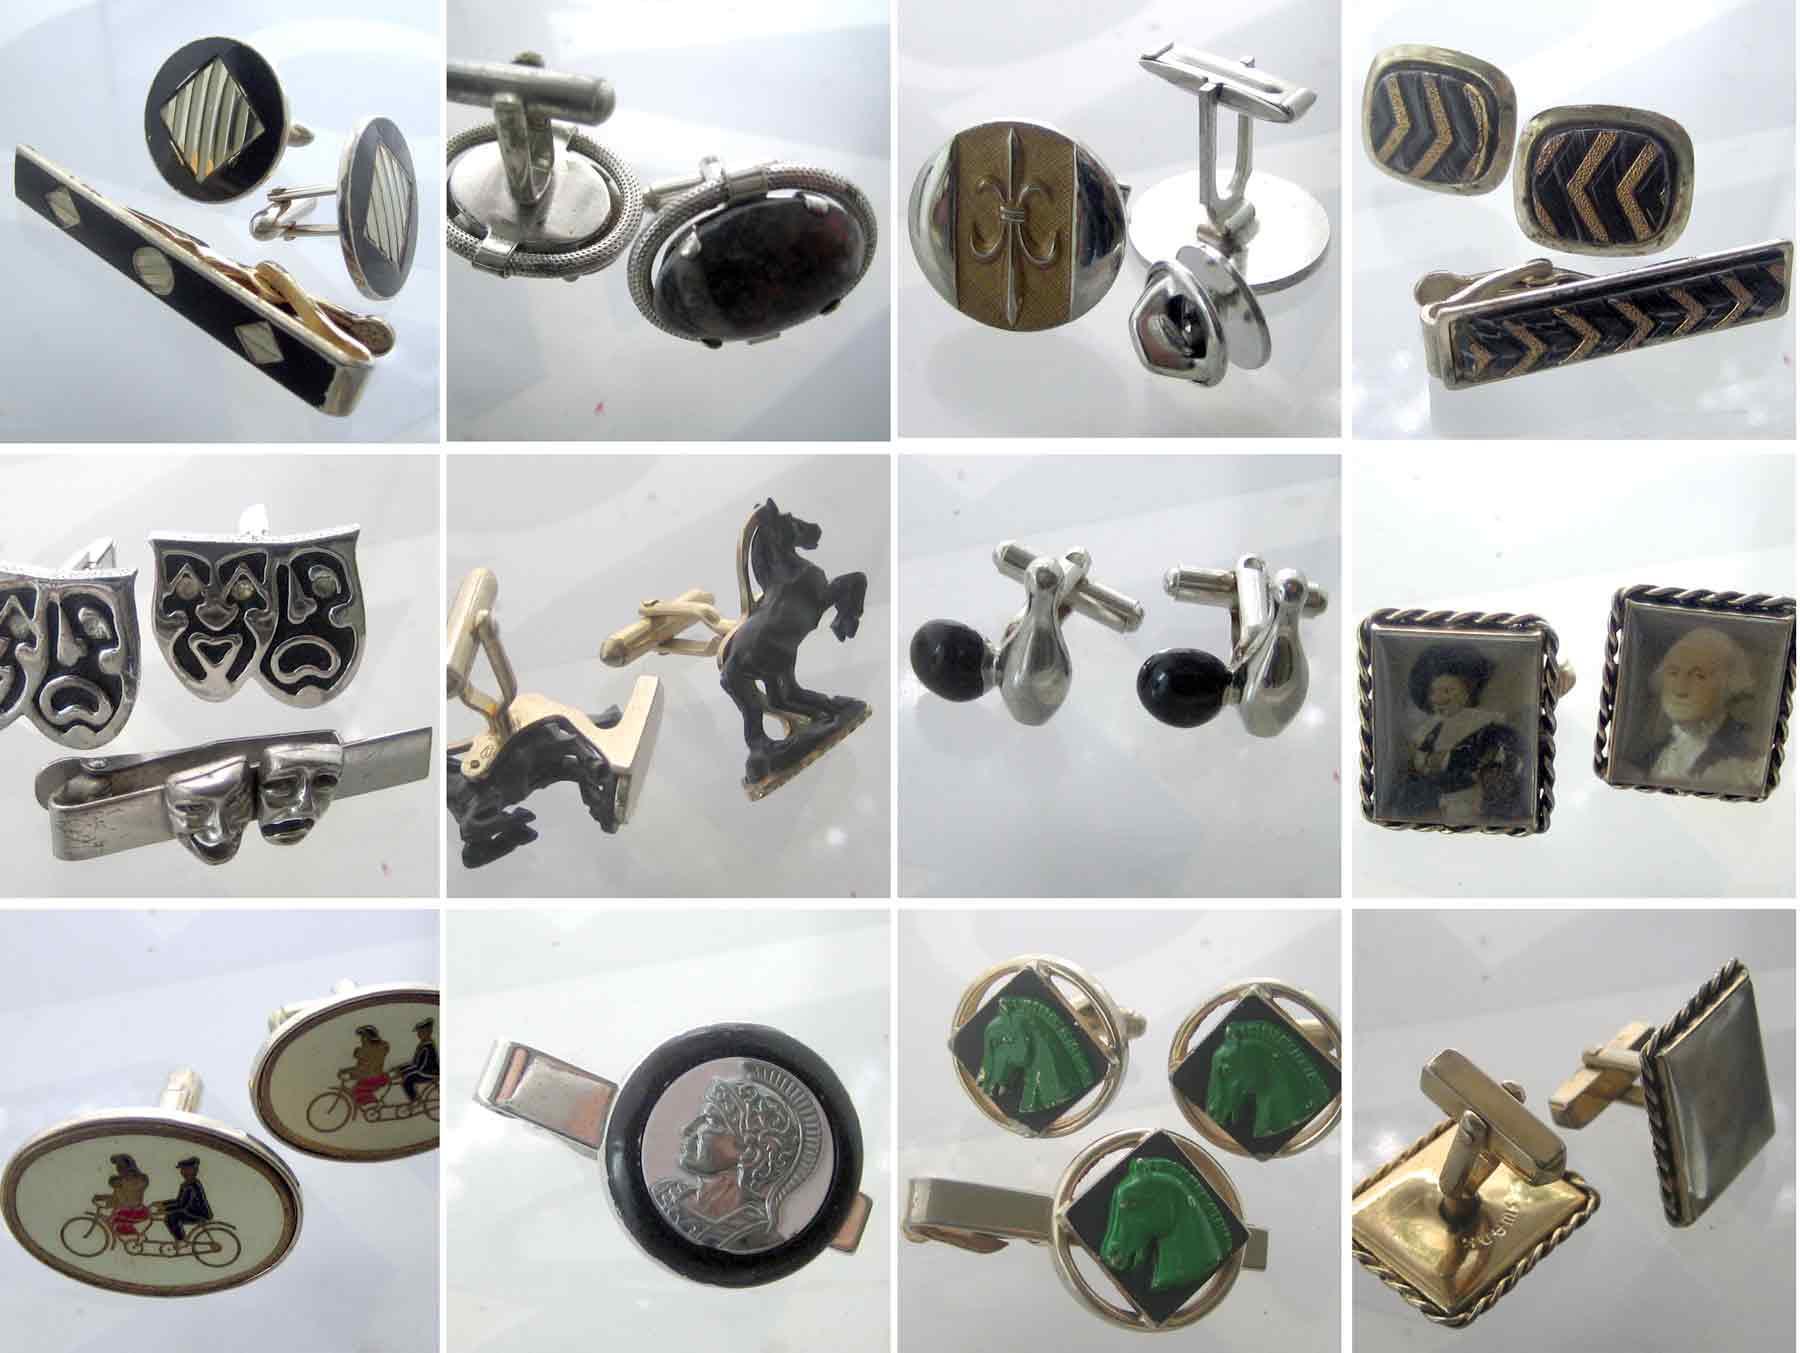 ชุด cufflink และ clip necktie original vintage มีหลากหลายแบบตามรูปถ่าย